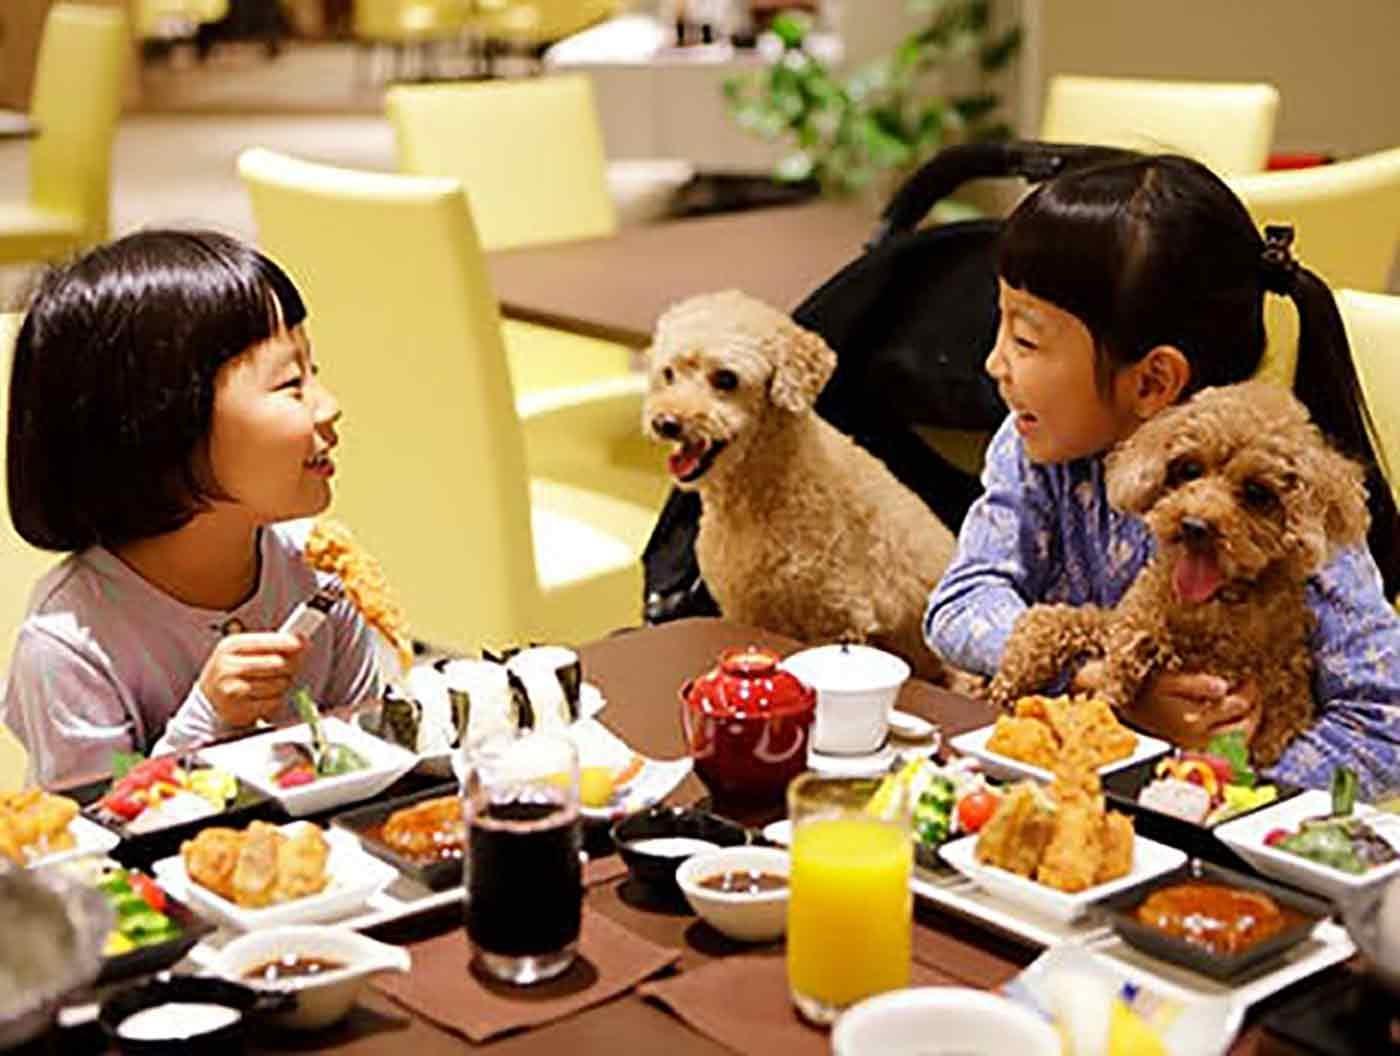 レジーナリゾート 鴨川で食事をする子どもたちと愛犬のトイプードル